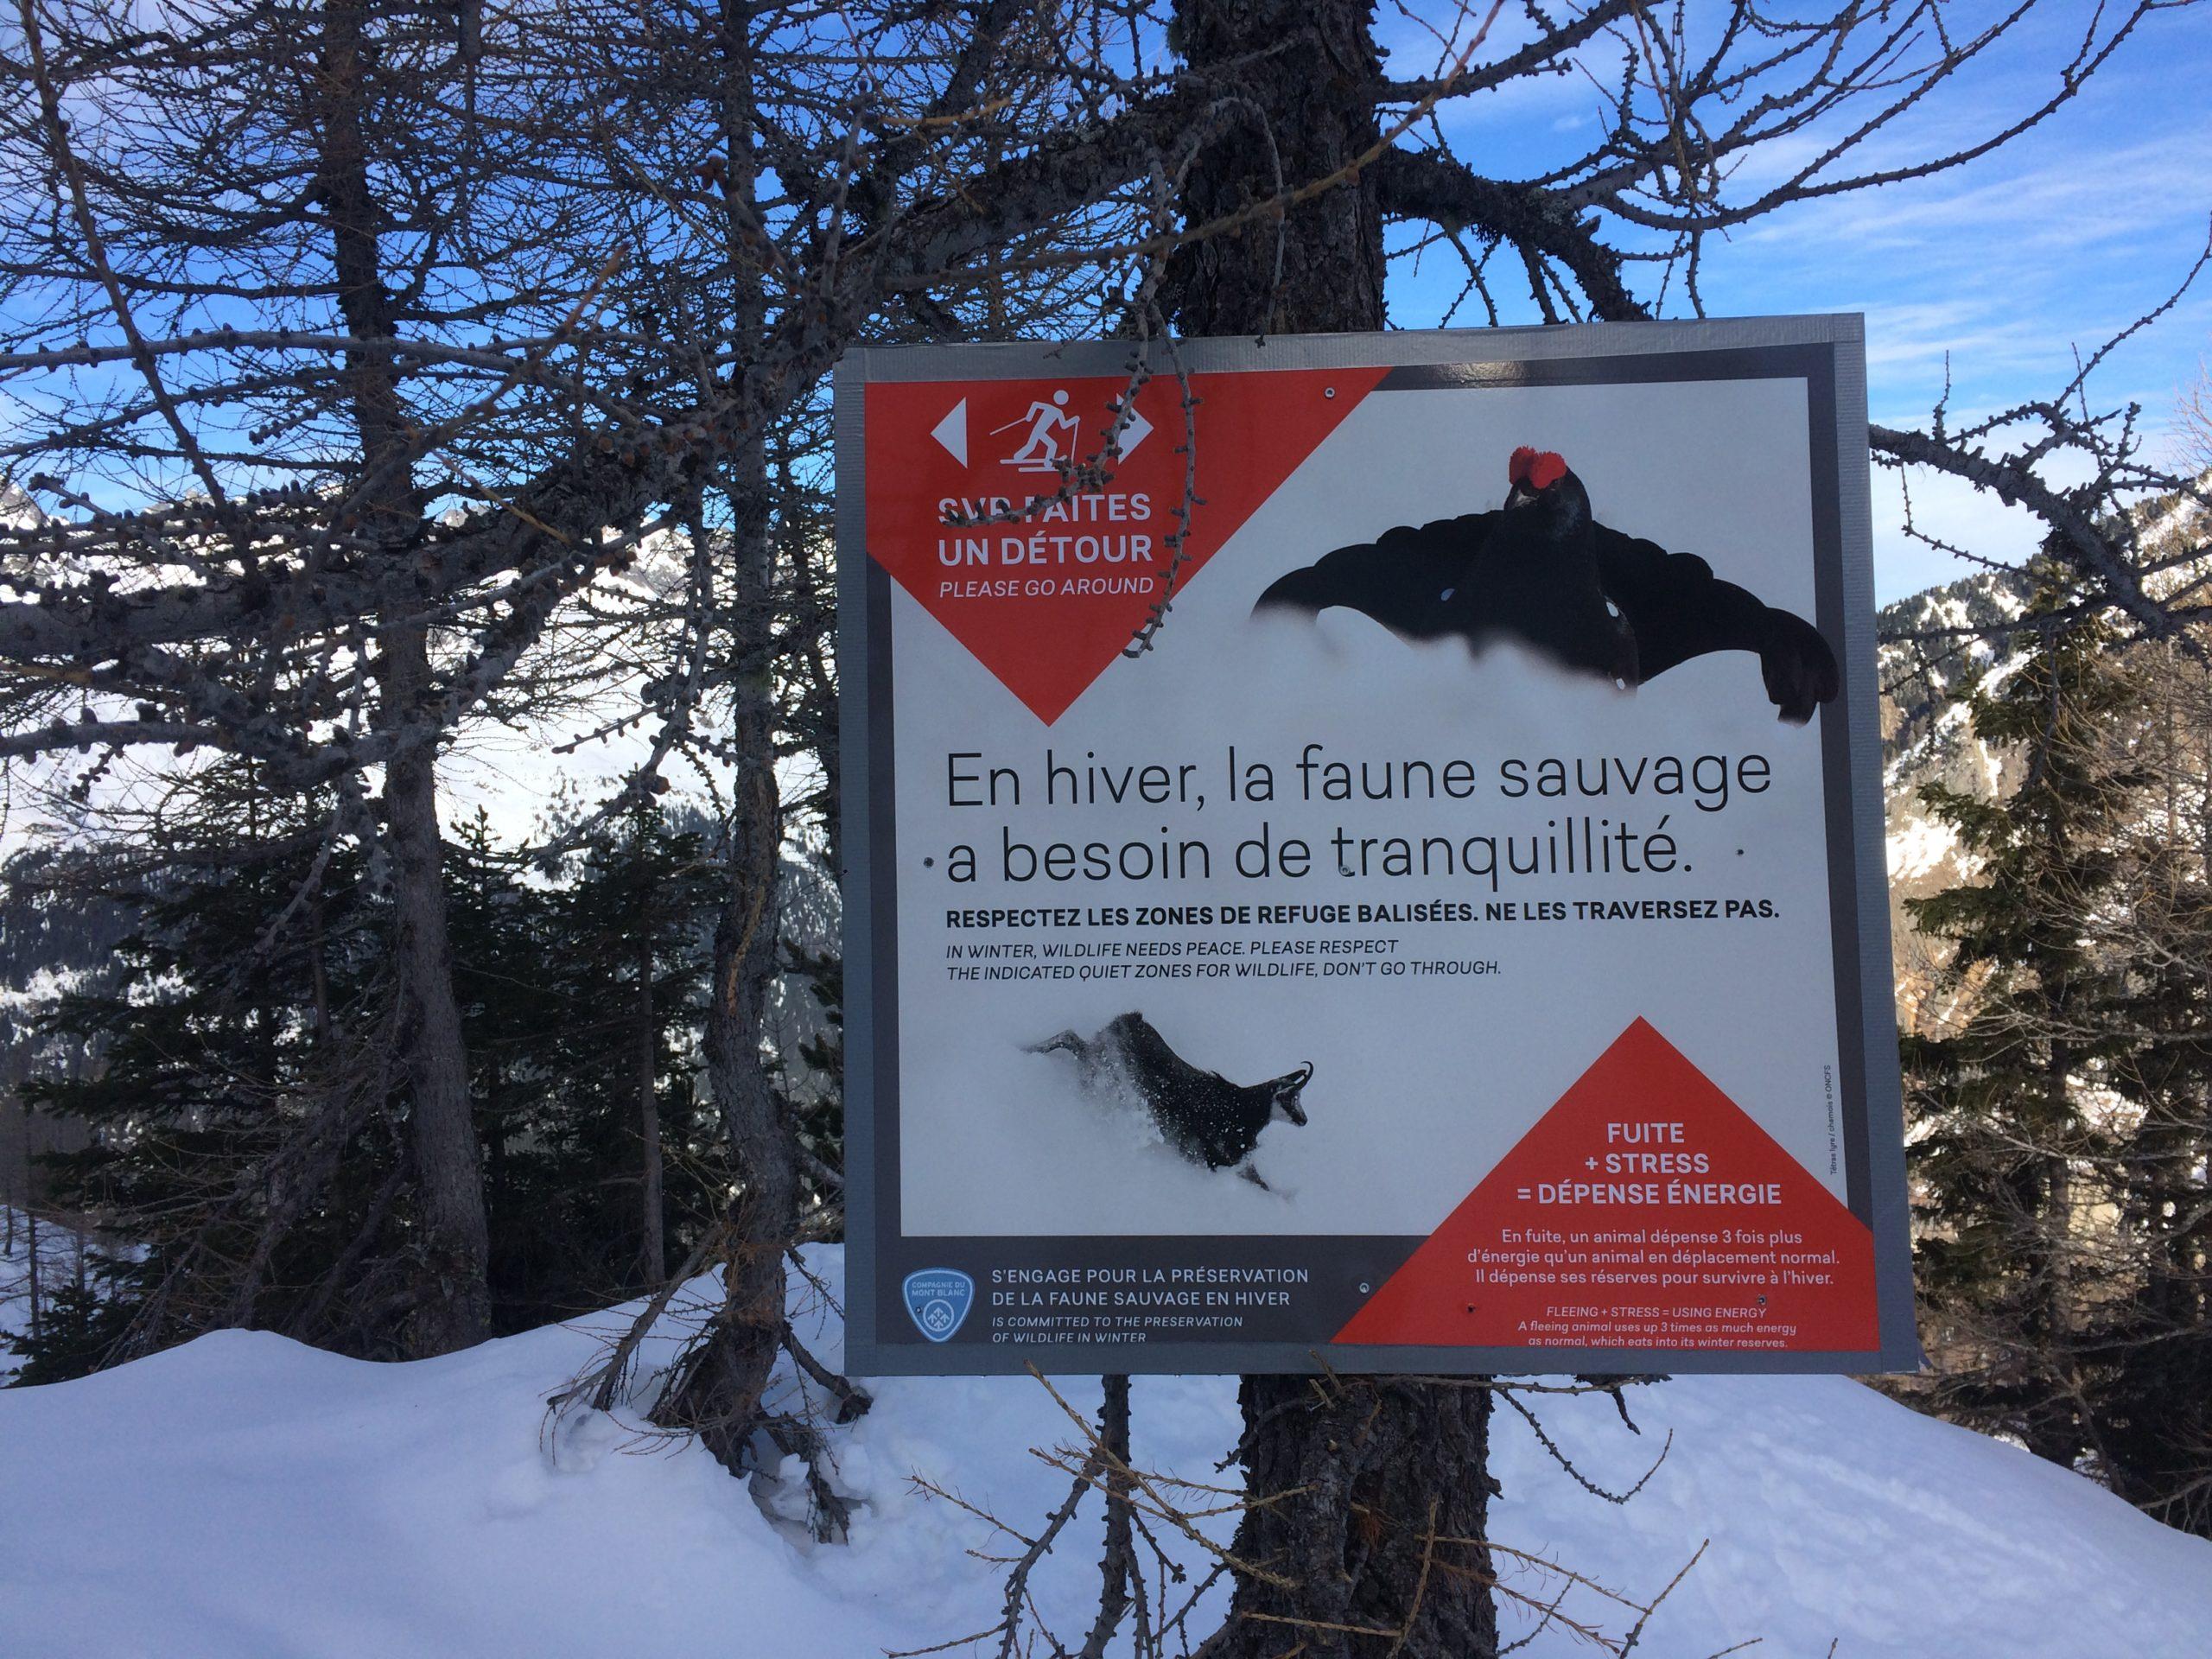 Panneau d'information hivrenage faune